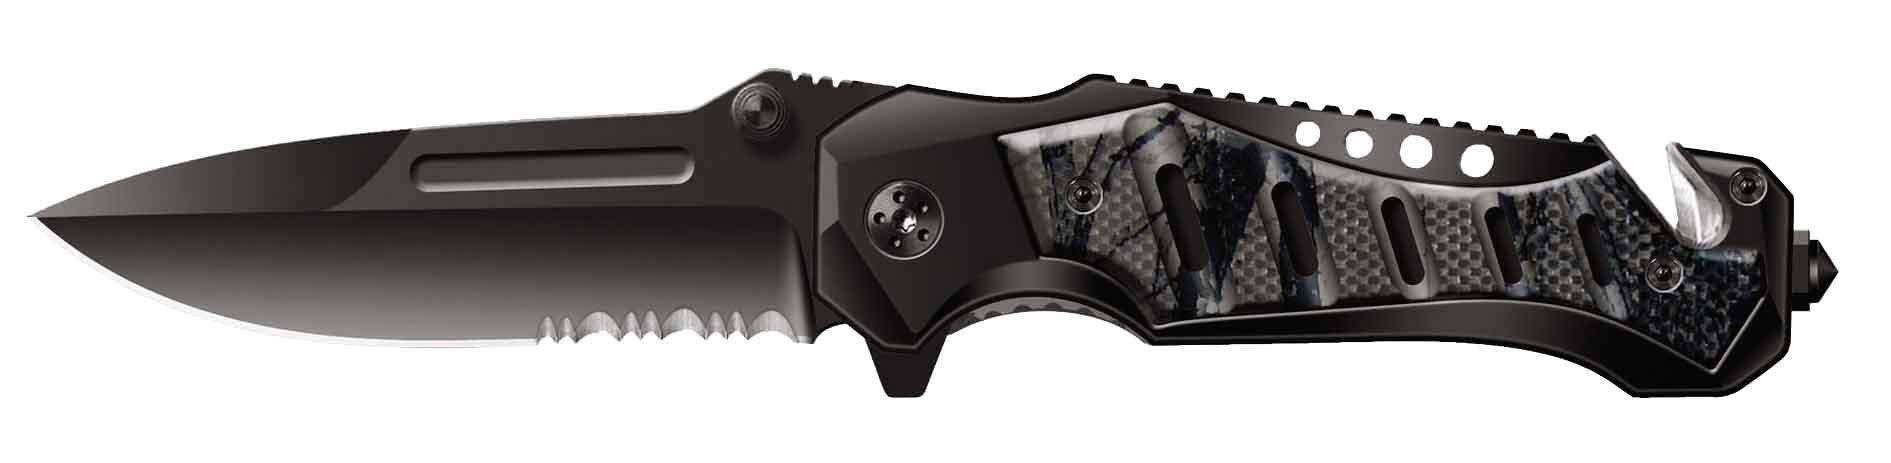 Нож складной Stinger SA-583W, сталь 420, алюминий нож складной stinger sa 574b сталь 420 алюминий